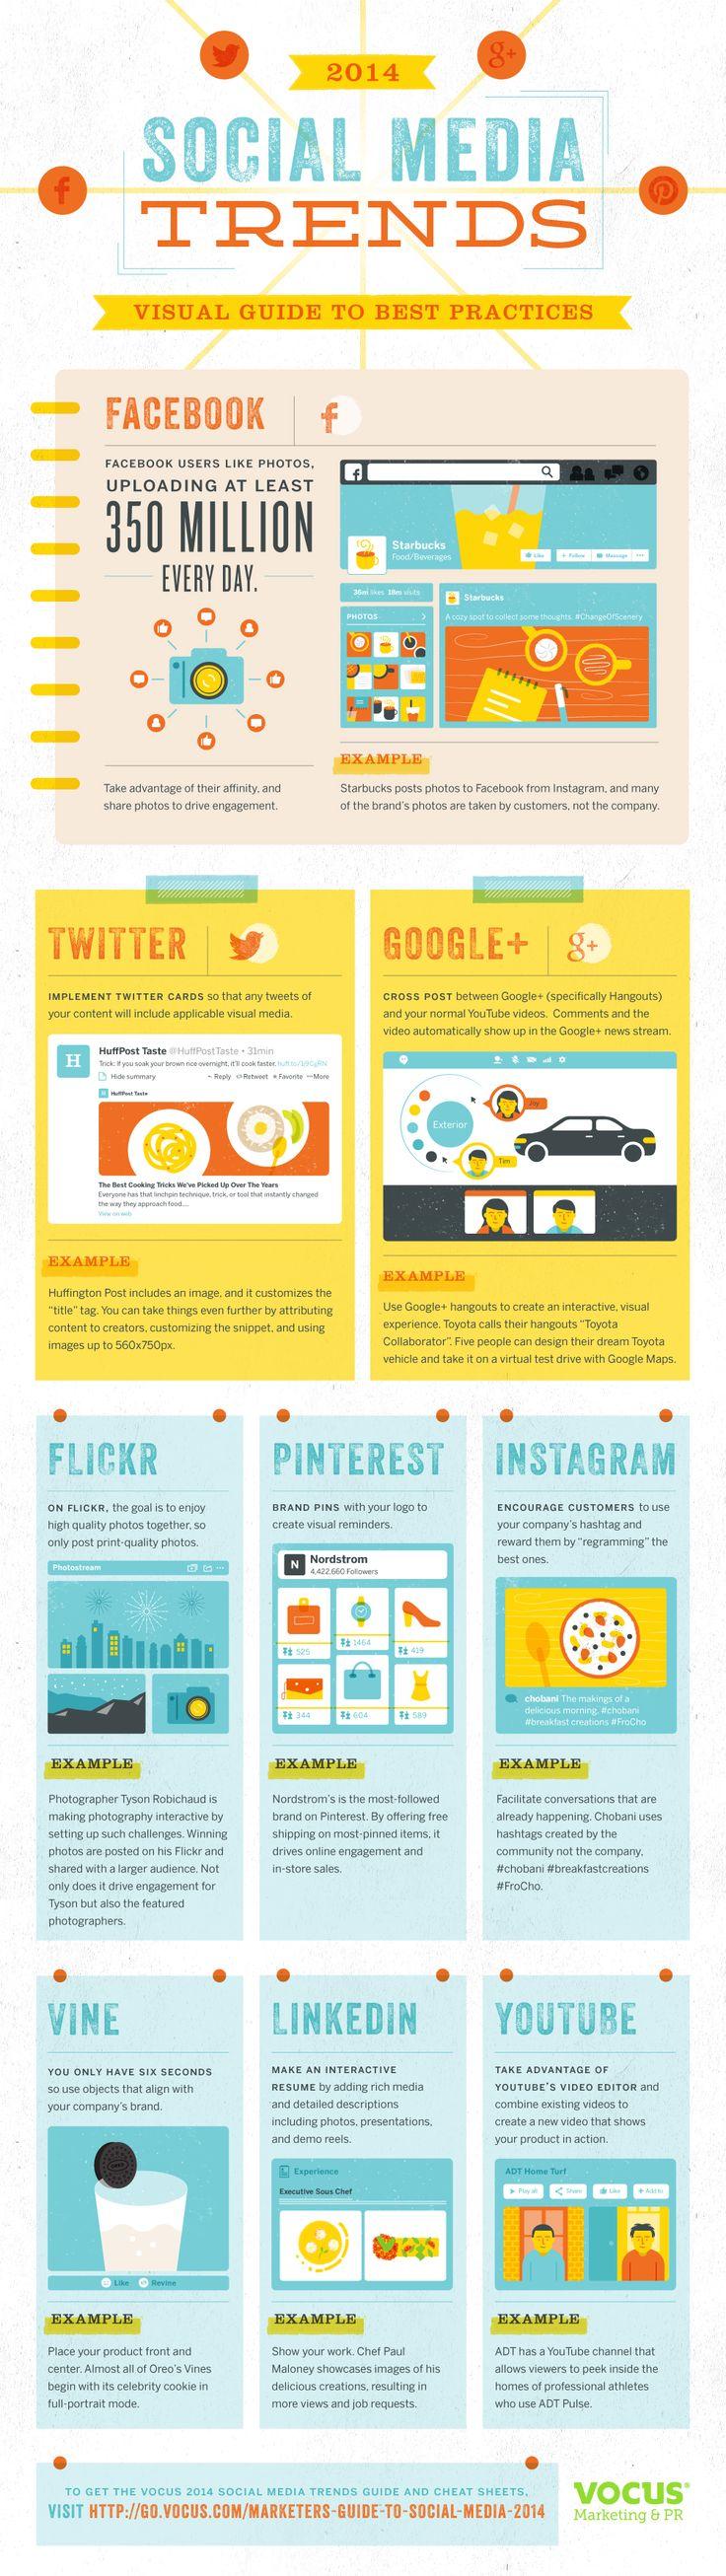 Socialmediatrends voor 2014 [infographic] | Twittermania